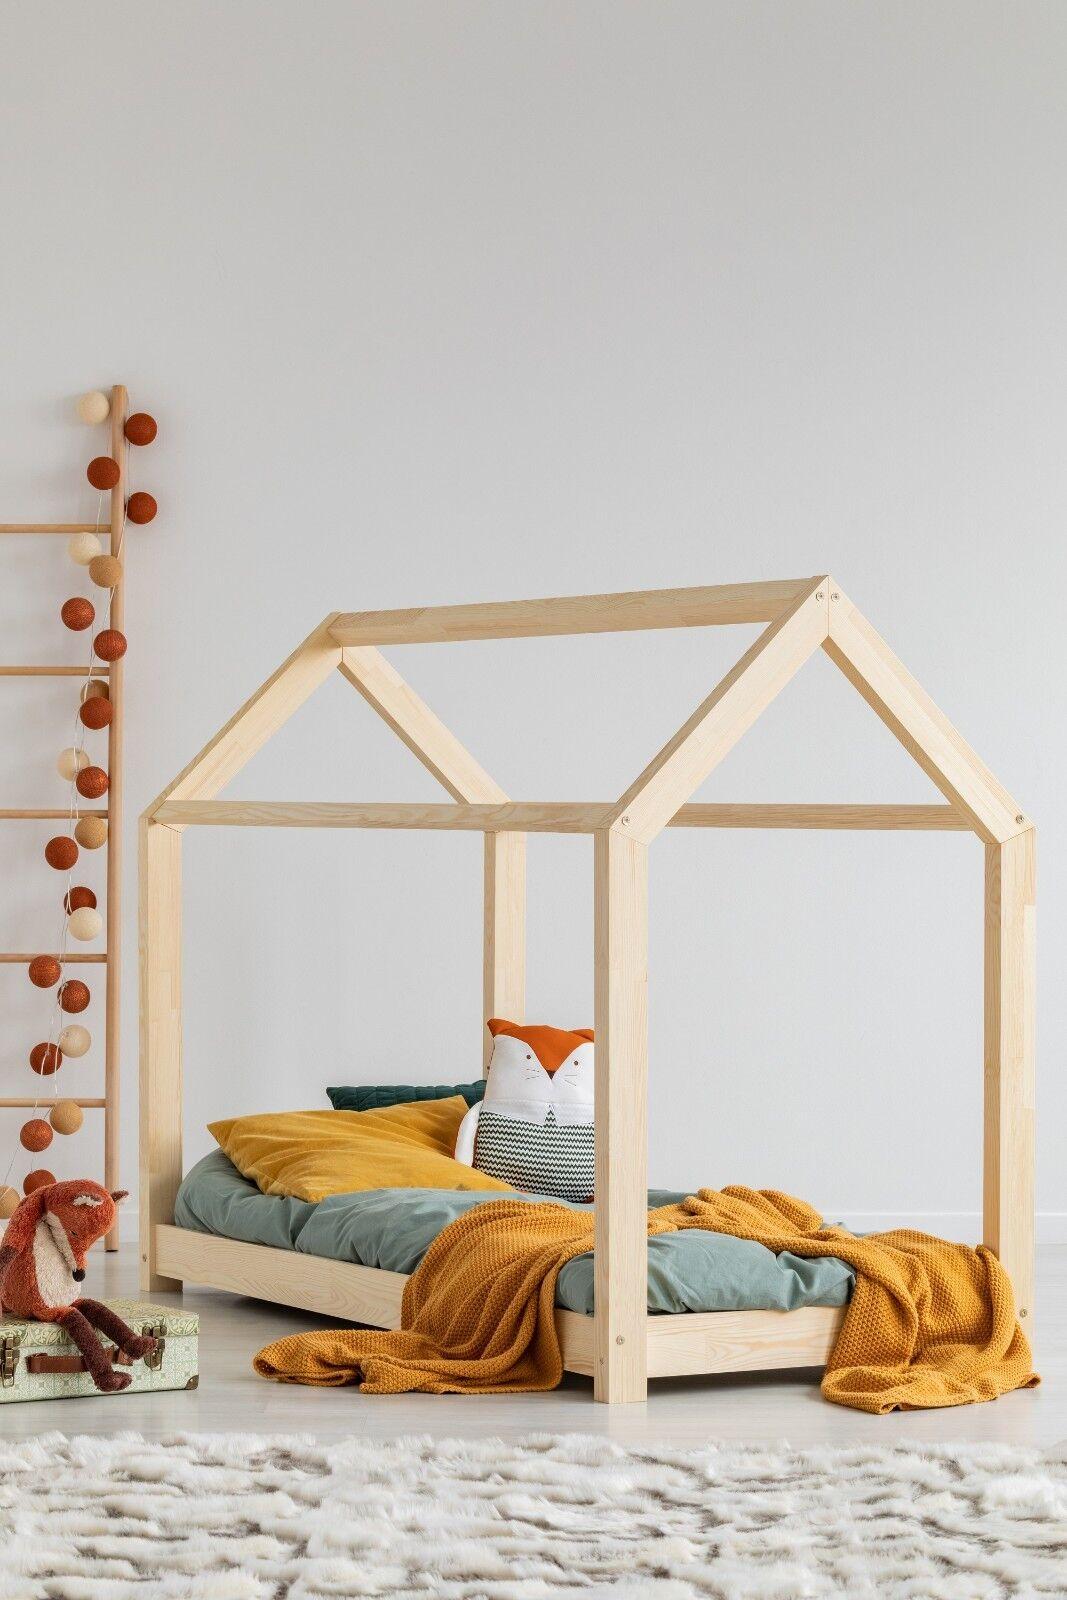 Lit enfant kinderhaus Lit pour enfants 29 Dimensions lit bois